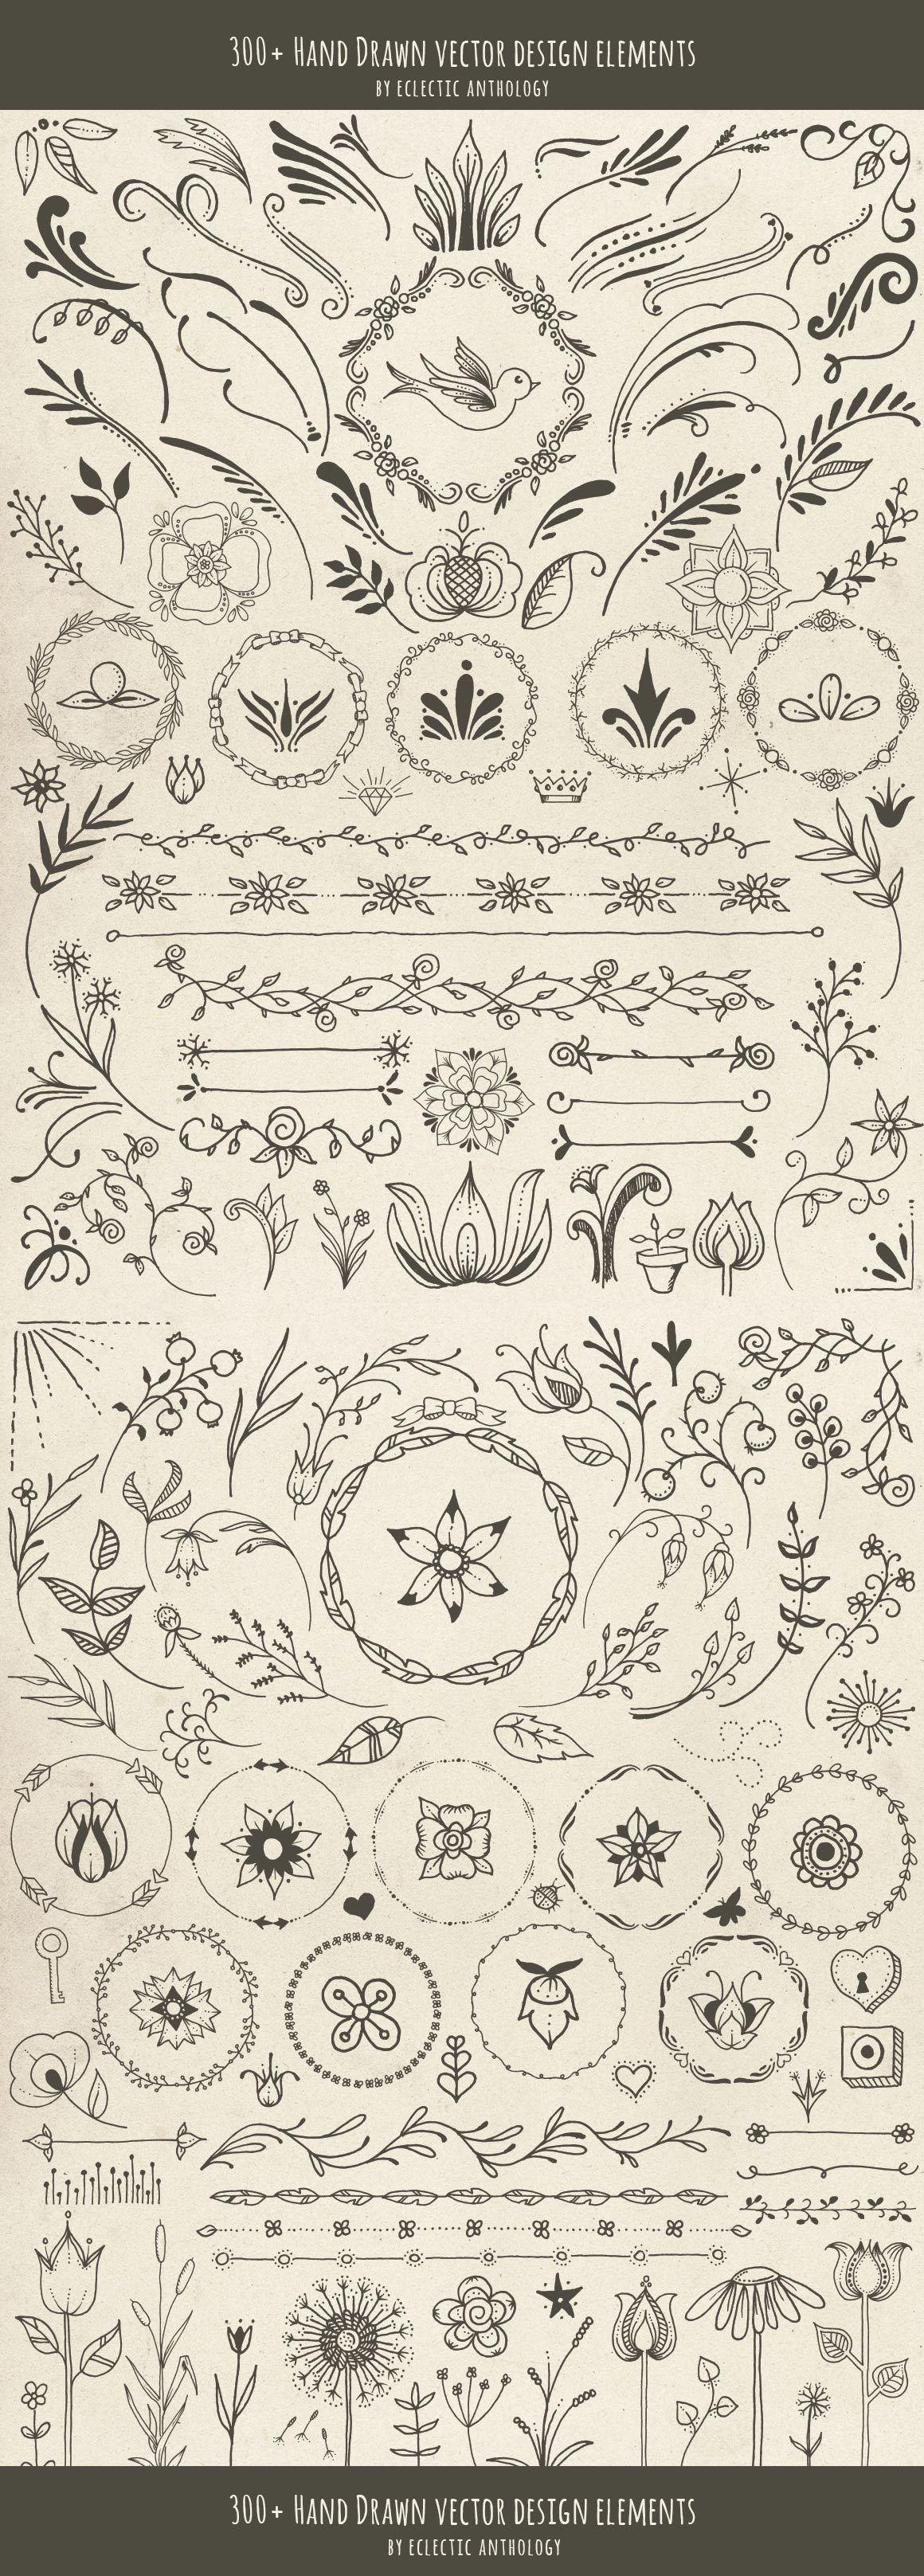 Hand drawn vector design elements каллиграфия pinterest design